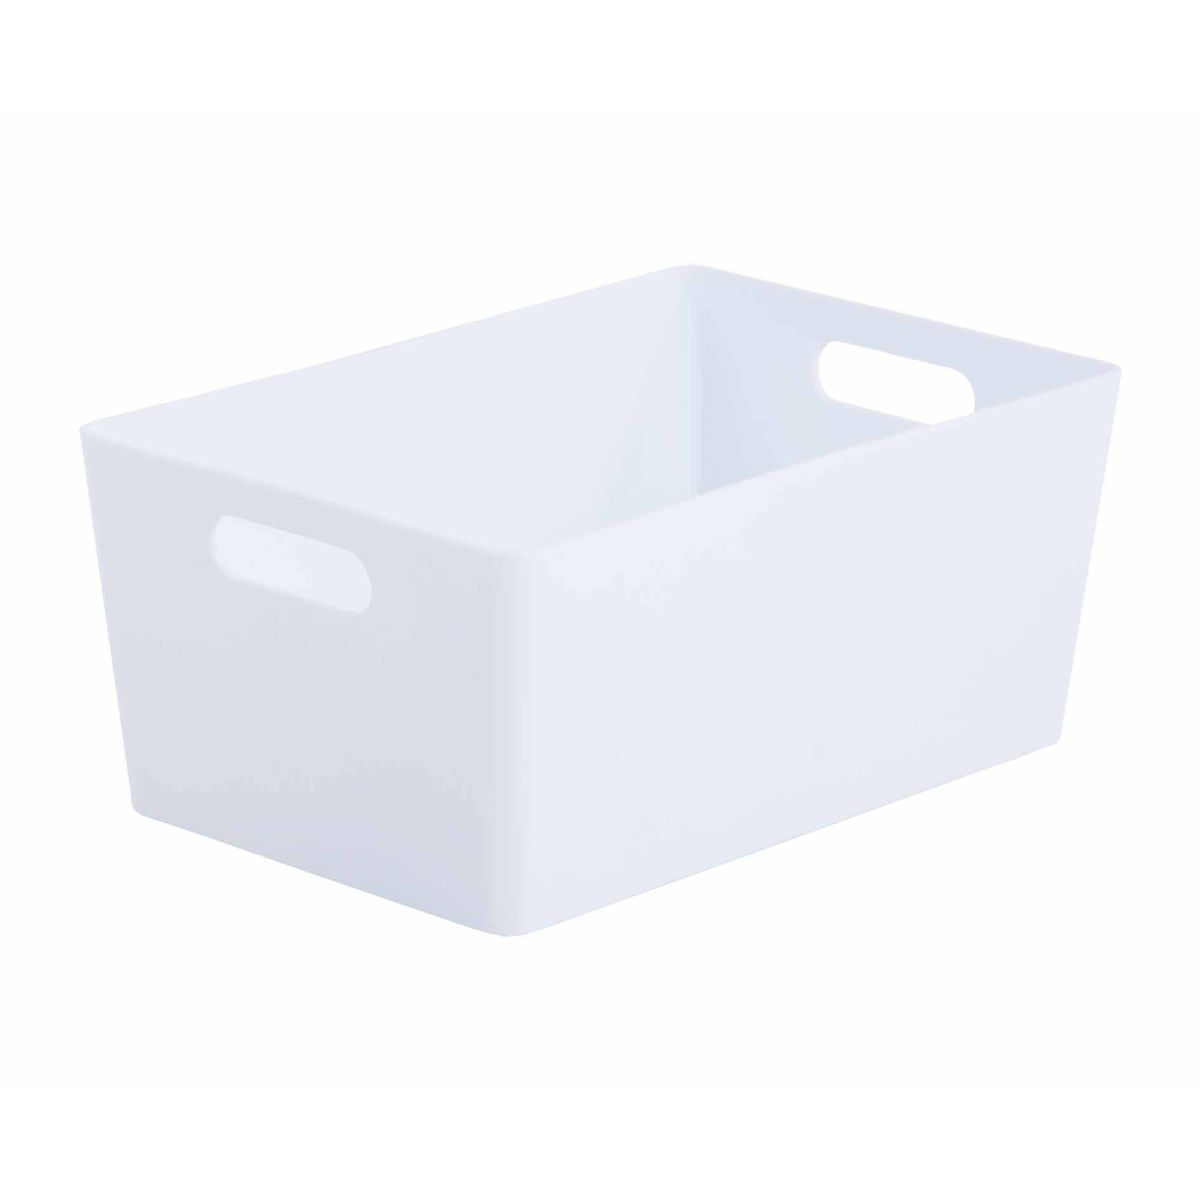 Wham Studio Basket 4.02 White